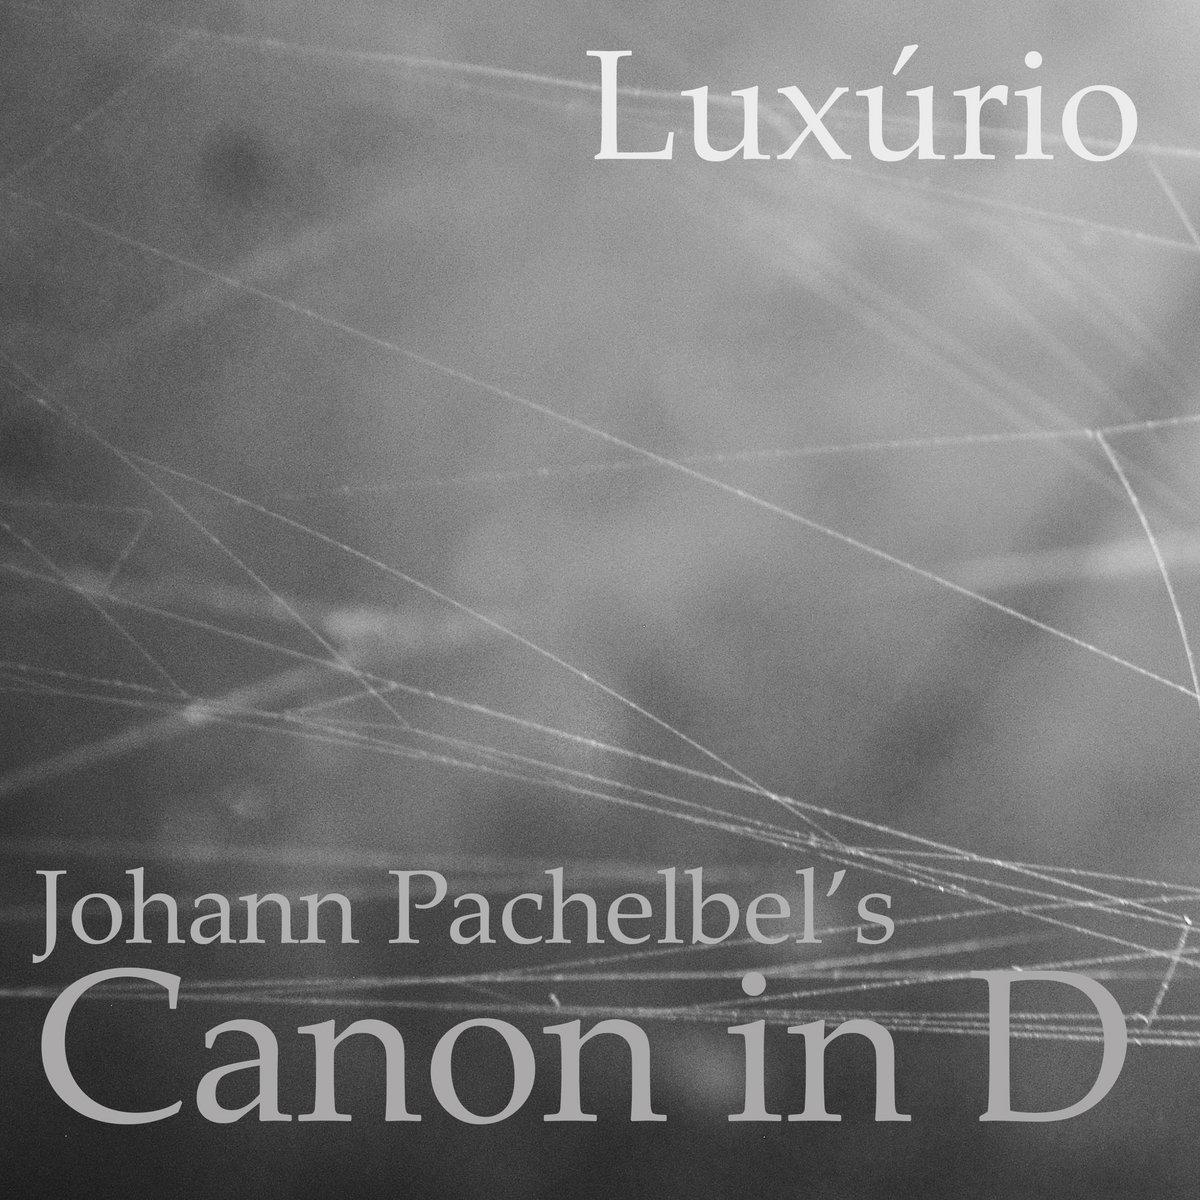 Johann Pachelbel's Canon in D  Luxúrio